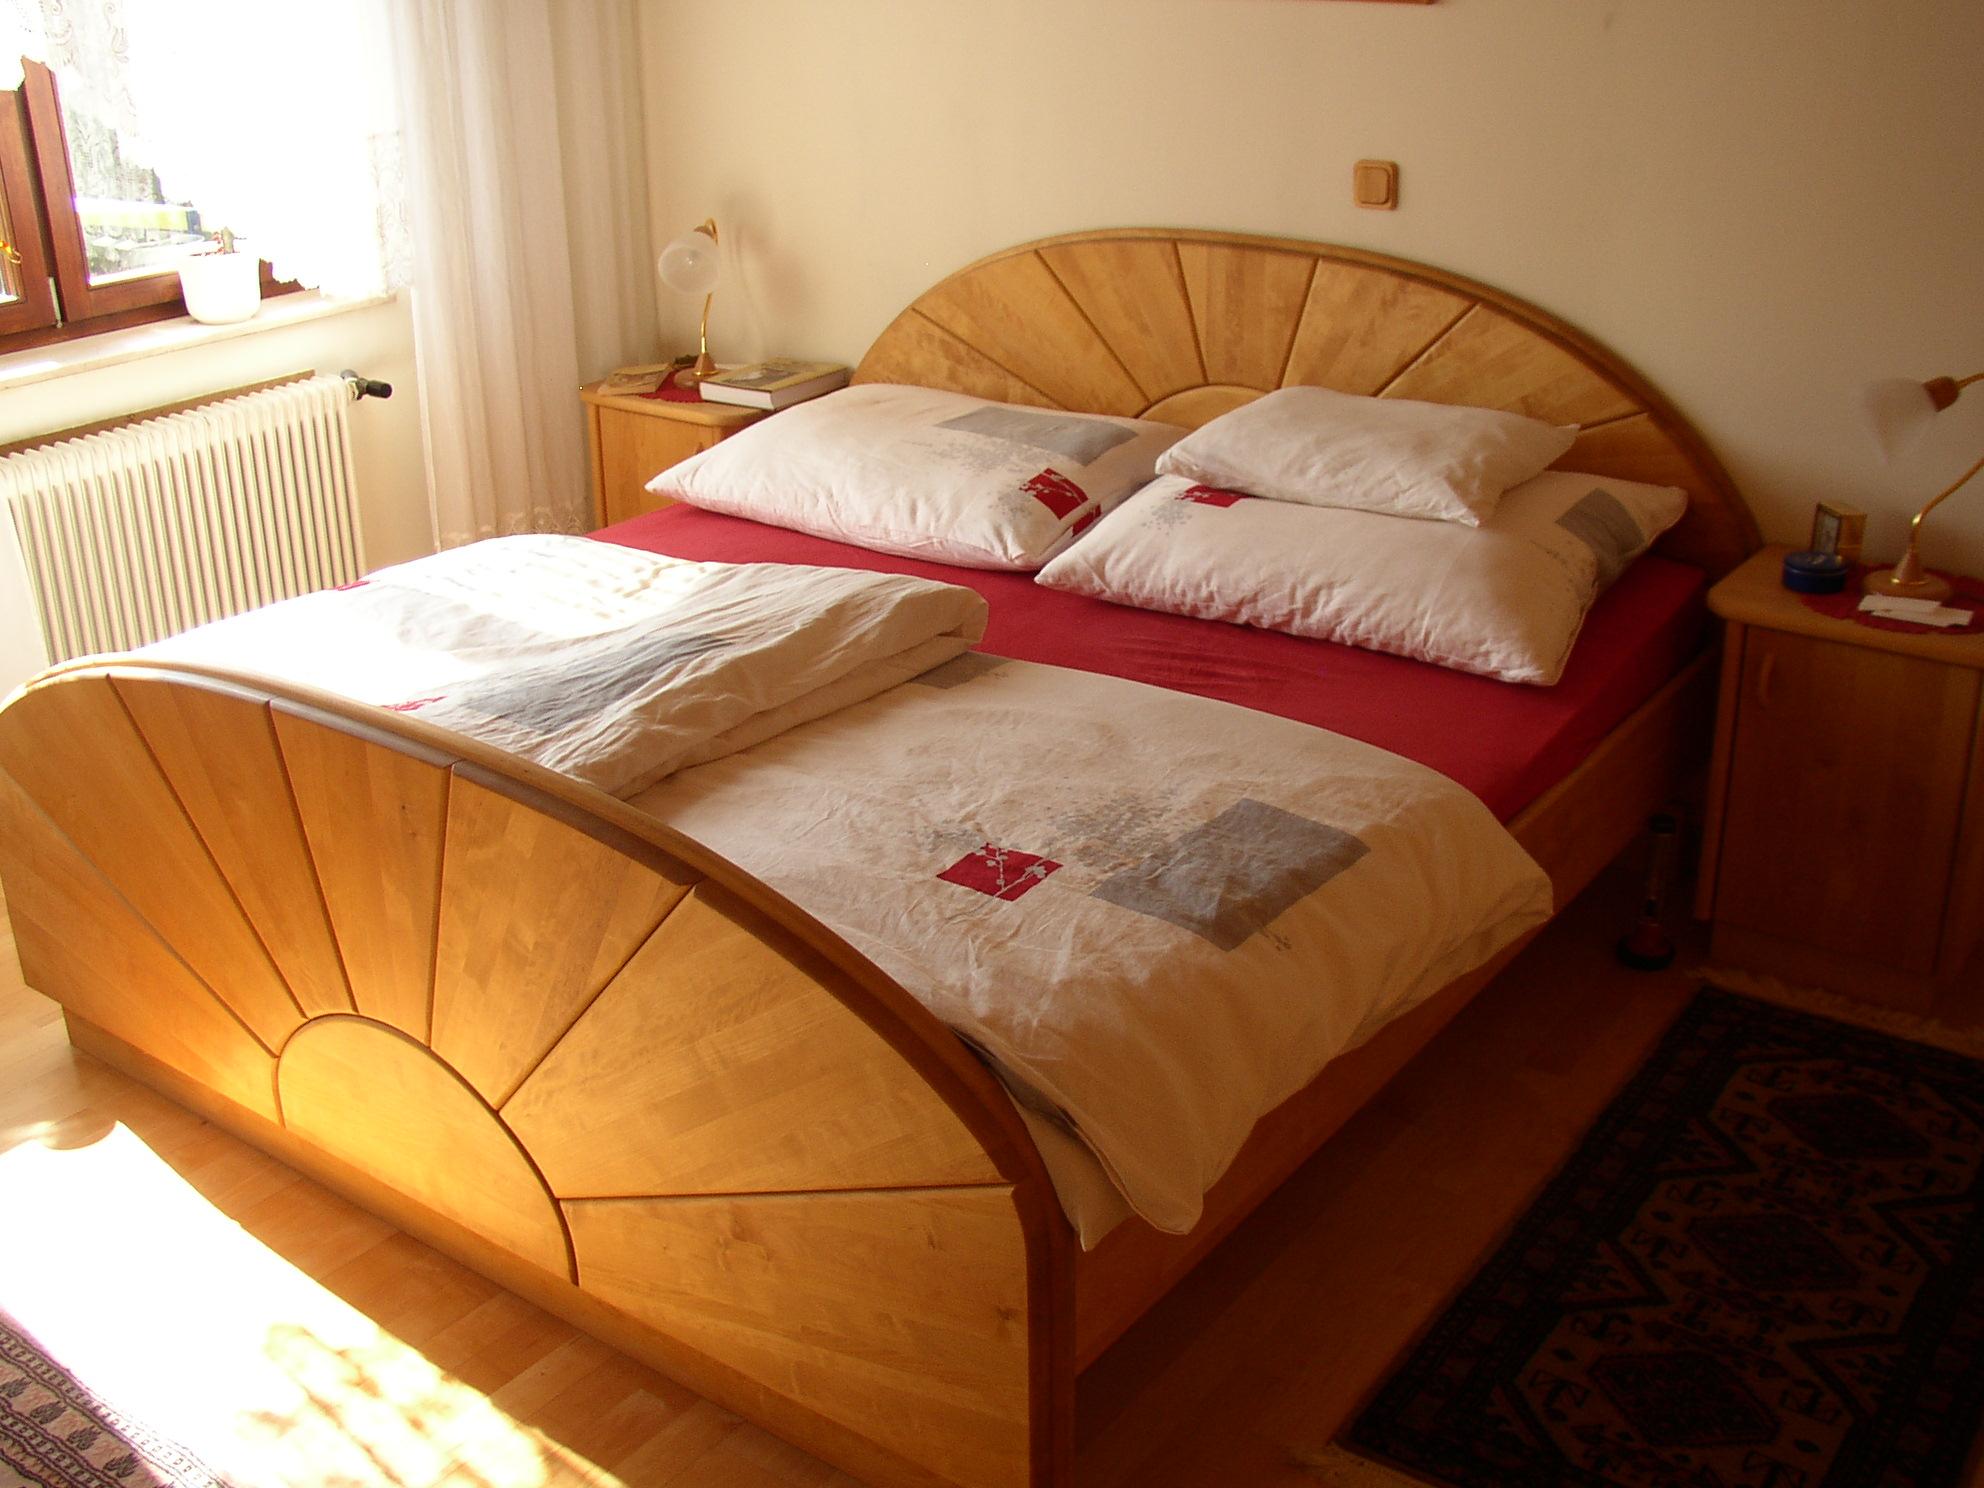 milben im bett was sind milben milben im bett bek mpfen. Black Bedroom Furniture Sets. Home Design Ideas